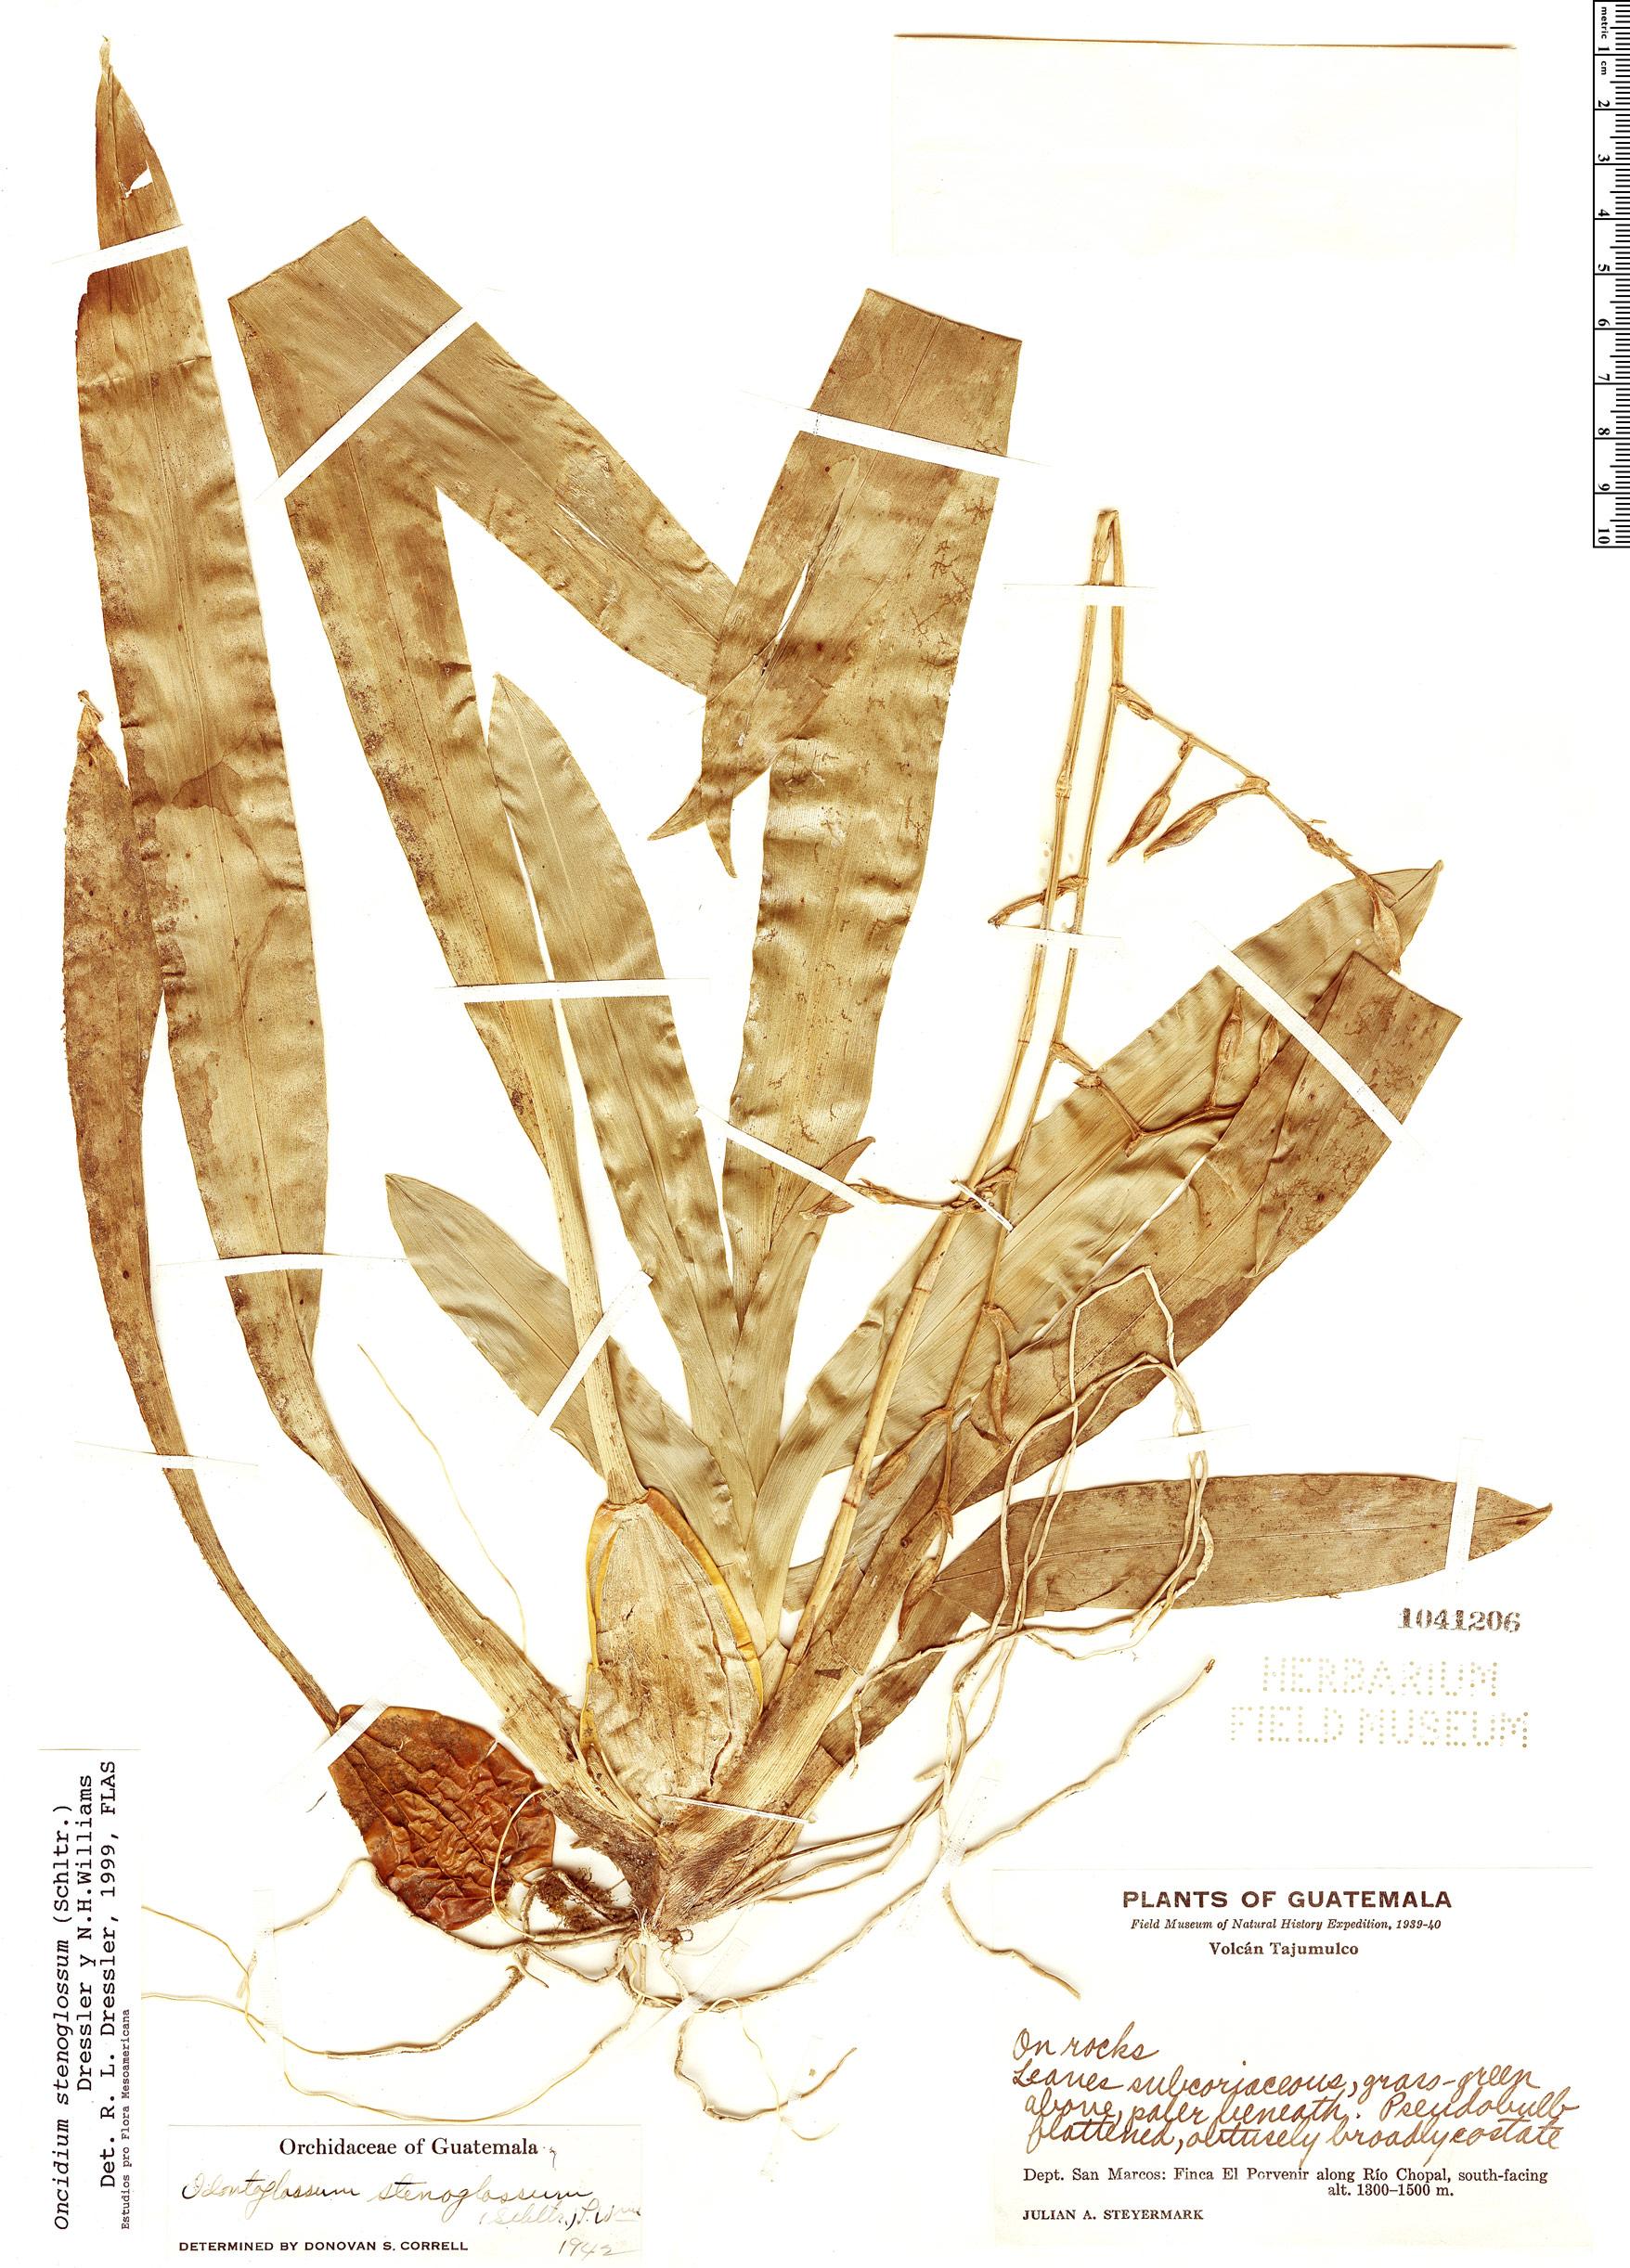 Specimen: Oncidium stenoglossum